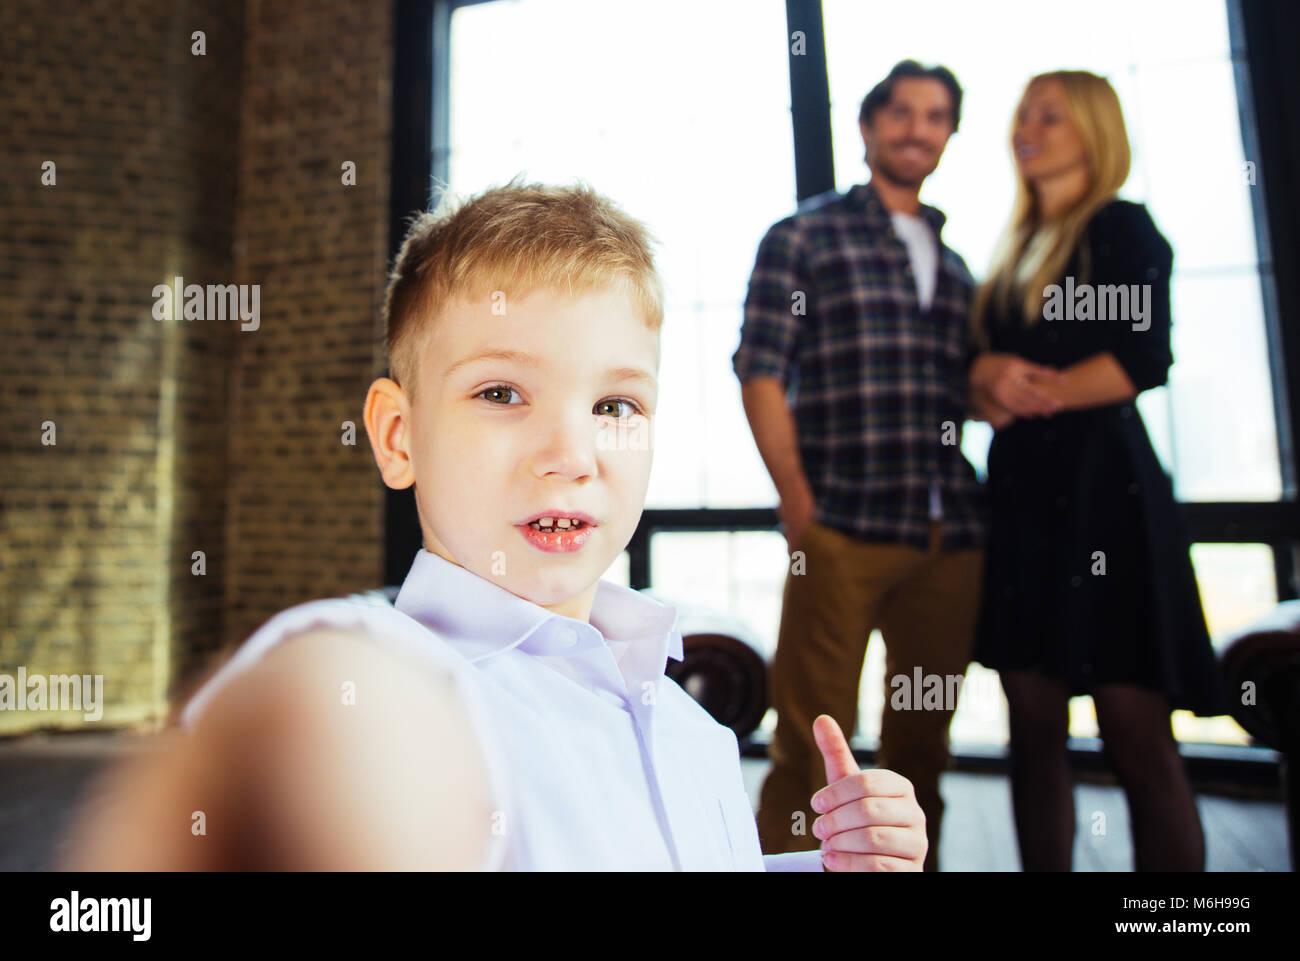 Casa de familia retrato. Los padres y el hijo pasar tiempo juntos Imagen De Stock